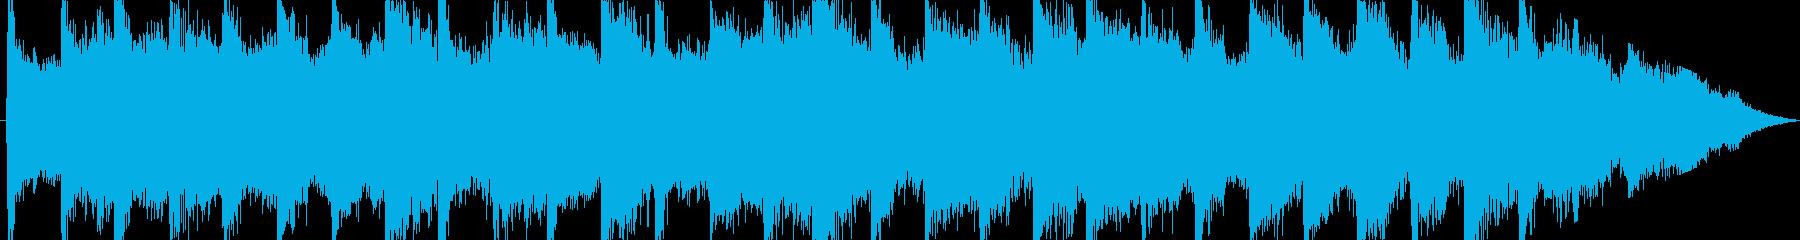 ジングル - クールダウンの再生済みの波形